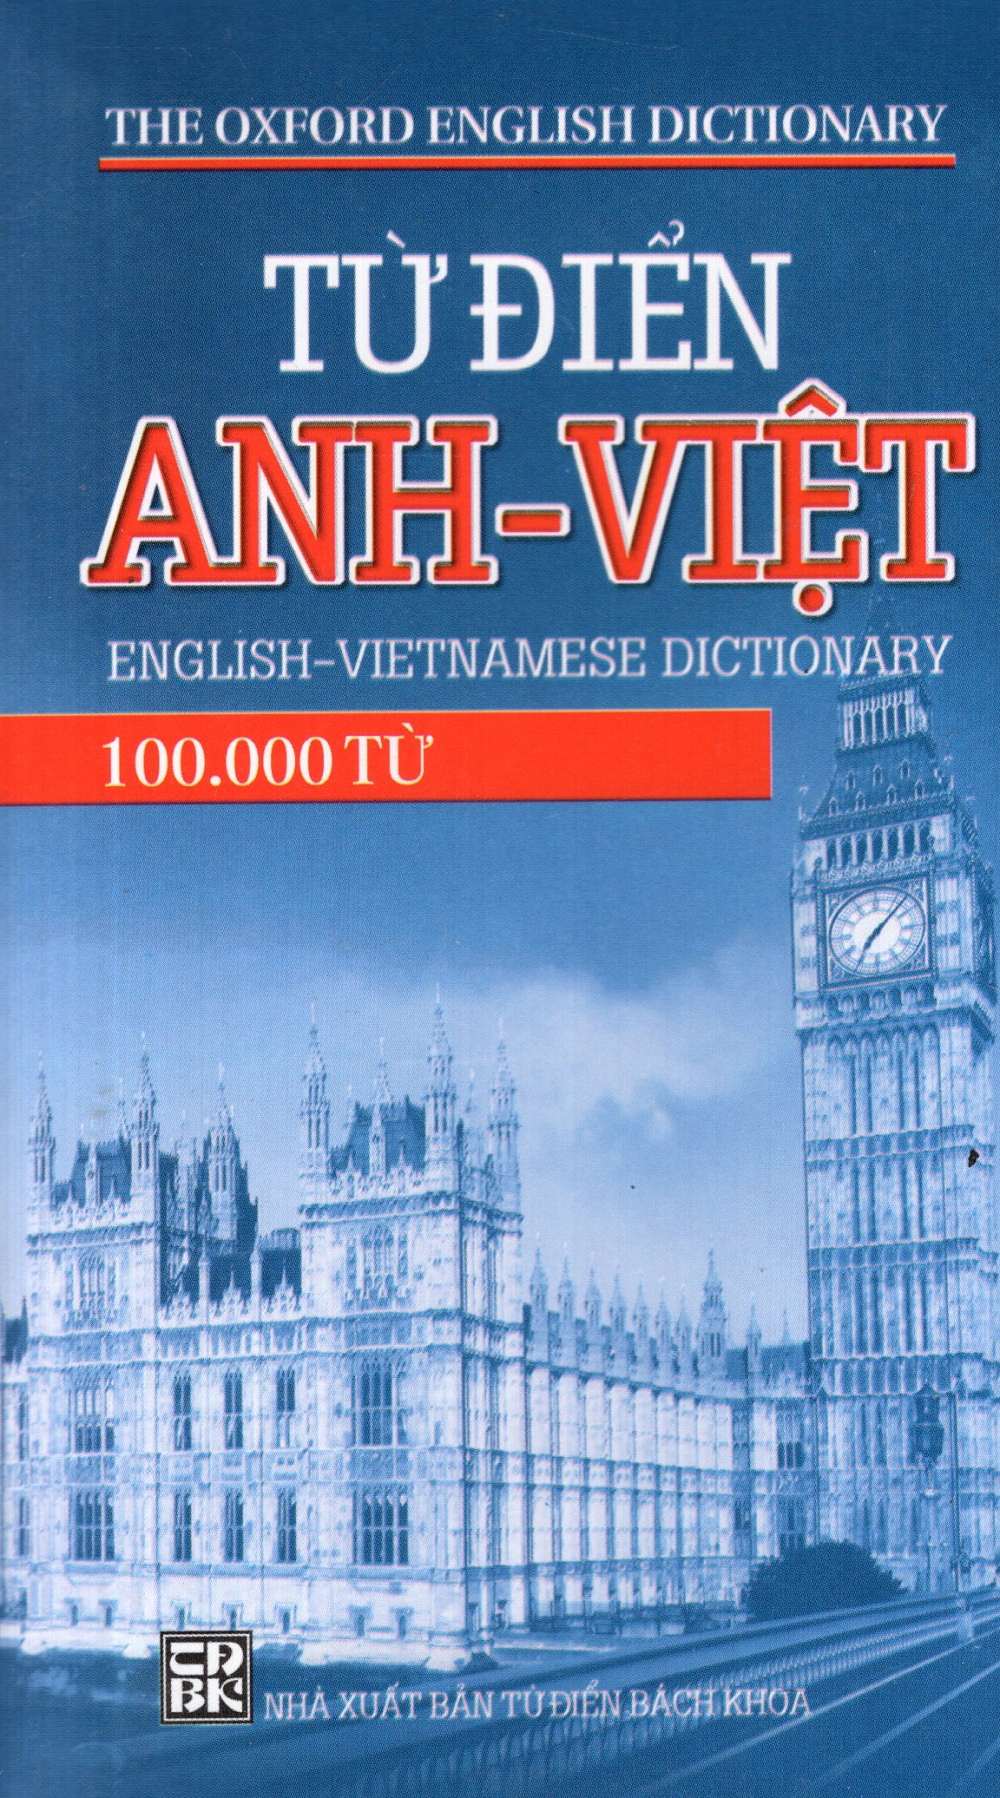 Bìa sách Từ Điển Anh - Việt (100.000 Từ) (2013) - Sách Bỏ Túi